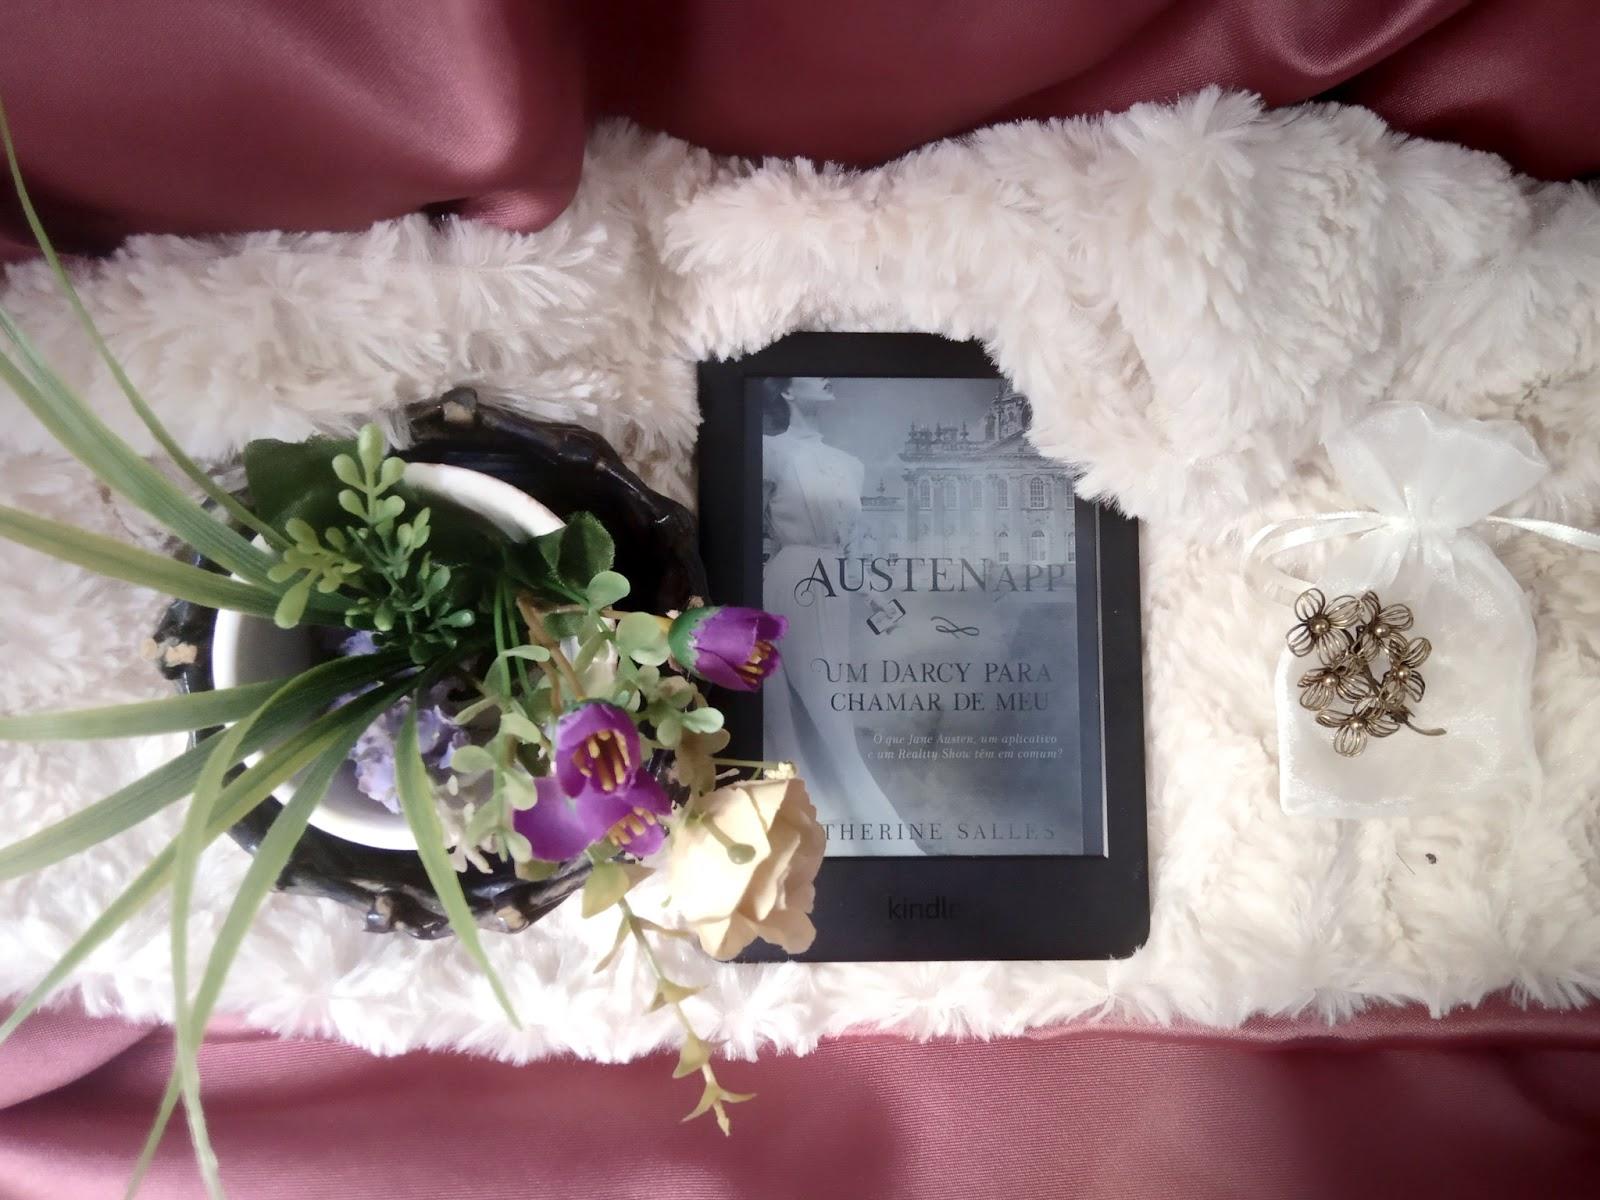 Foto com fundo mesclado, um tecido liso vermelho vinho, sobreposto por uma manta peluda branca, em cima ha um aparelho kindle ao centro com a capa de AustenApp, um vaso de flores ao lado e do outro lado um saquinho transparente de tecido com um broche em formato de flor em cima